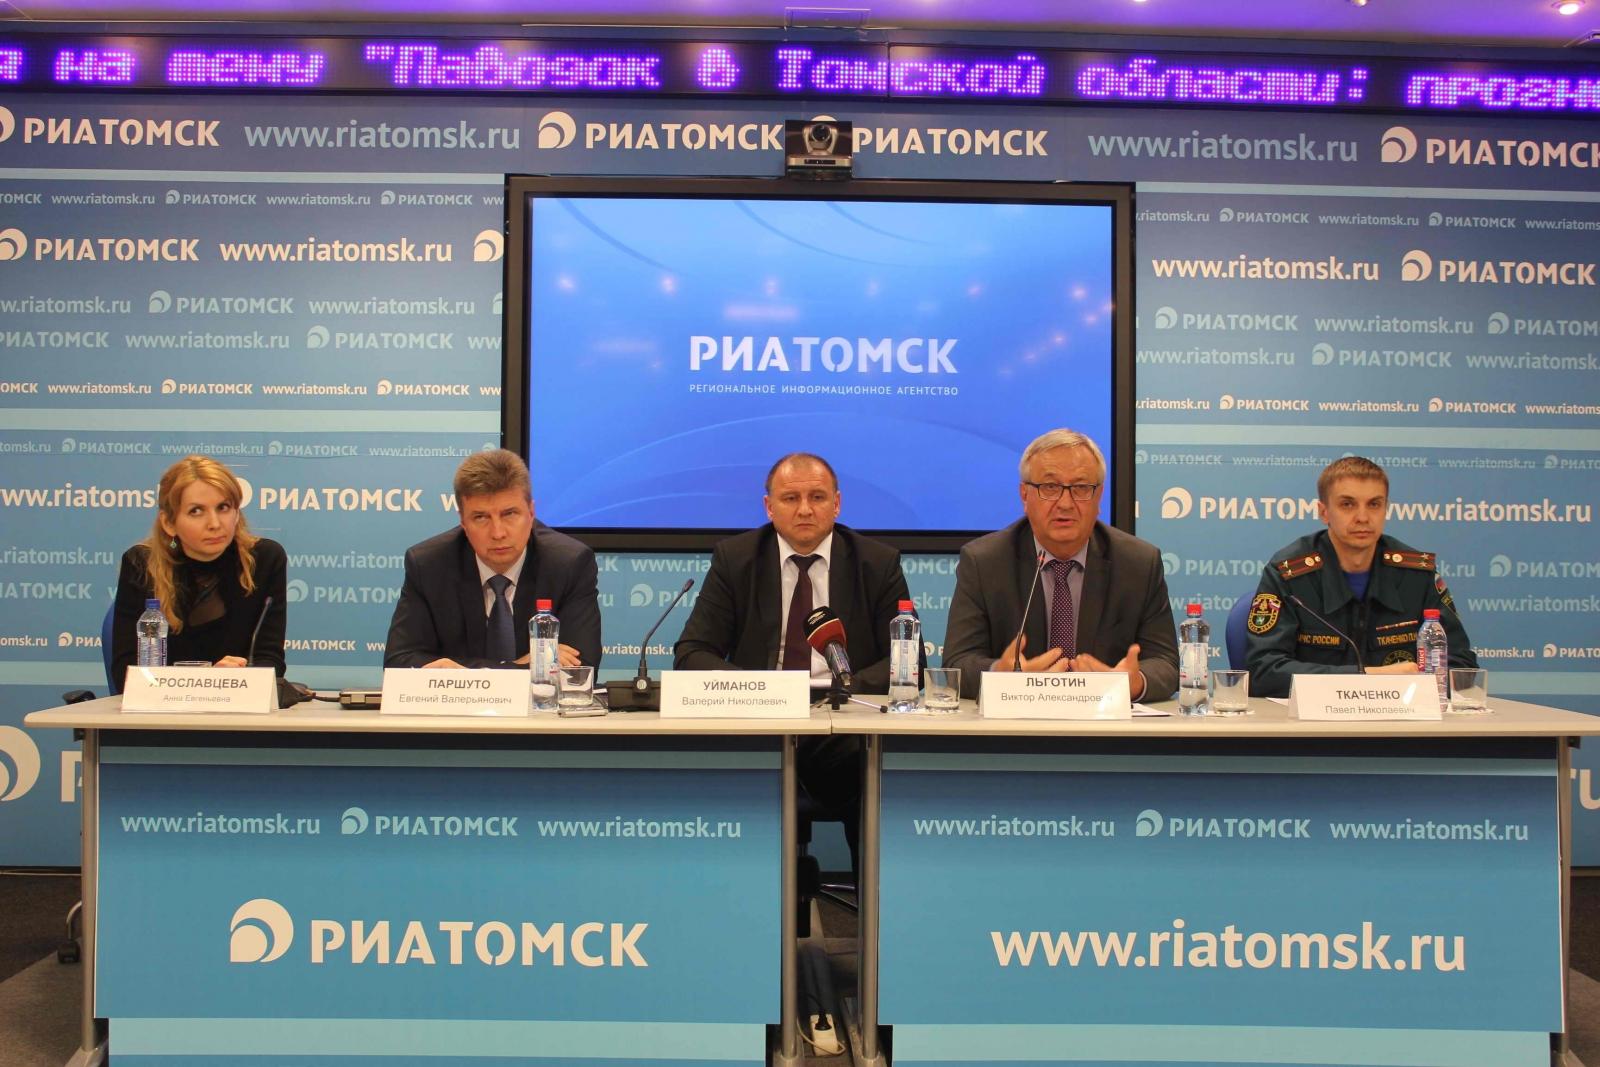 Пресс-конференция в РИА Томск по подготовке к безаварийному пропуску паводковых вод, 13 апреля 2015 года